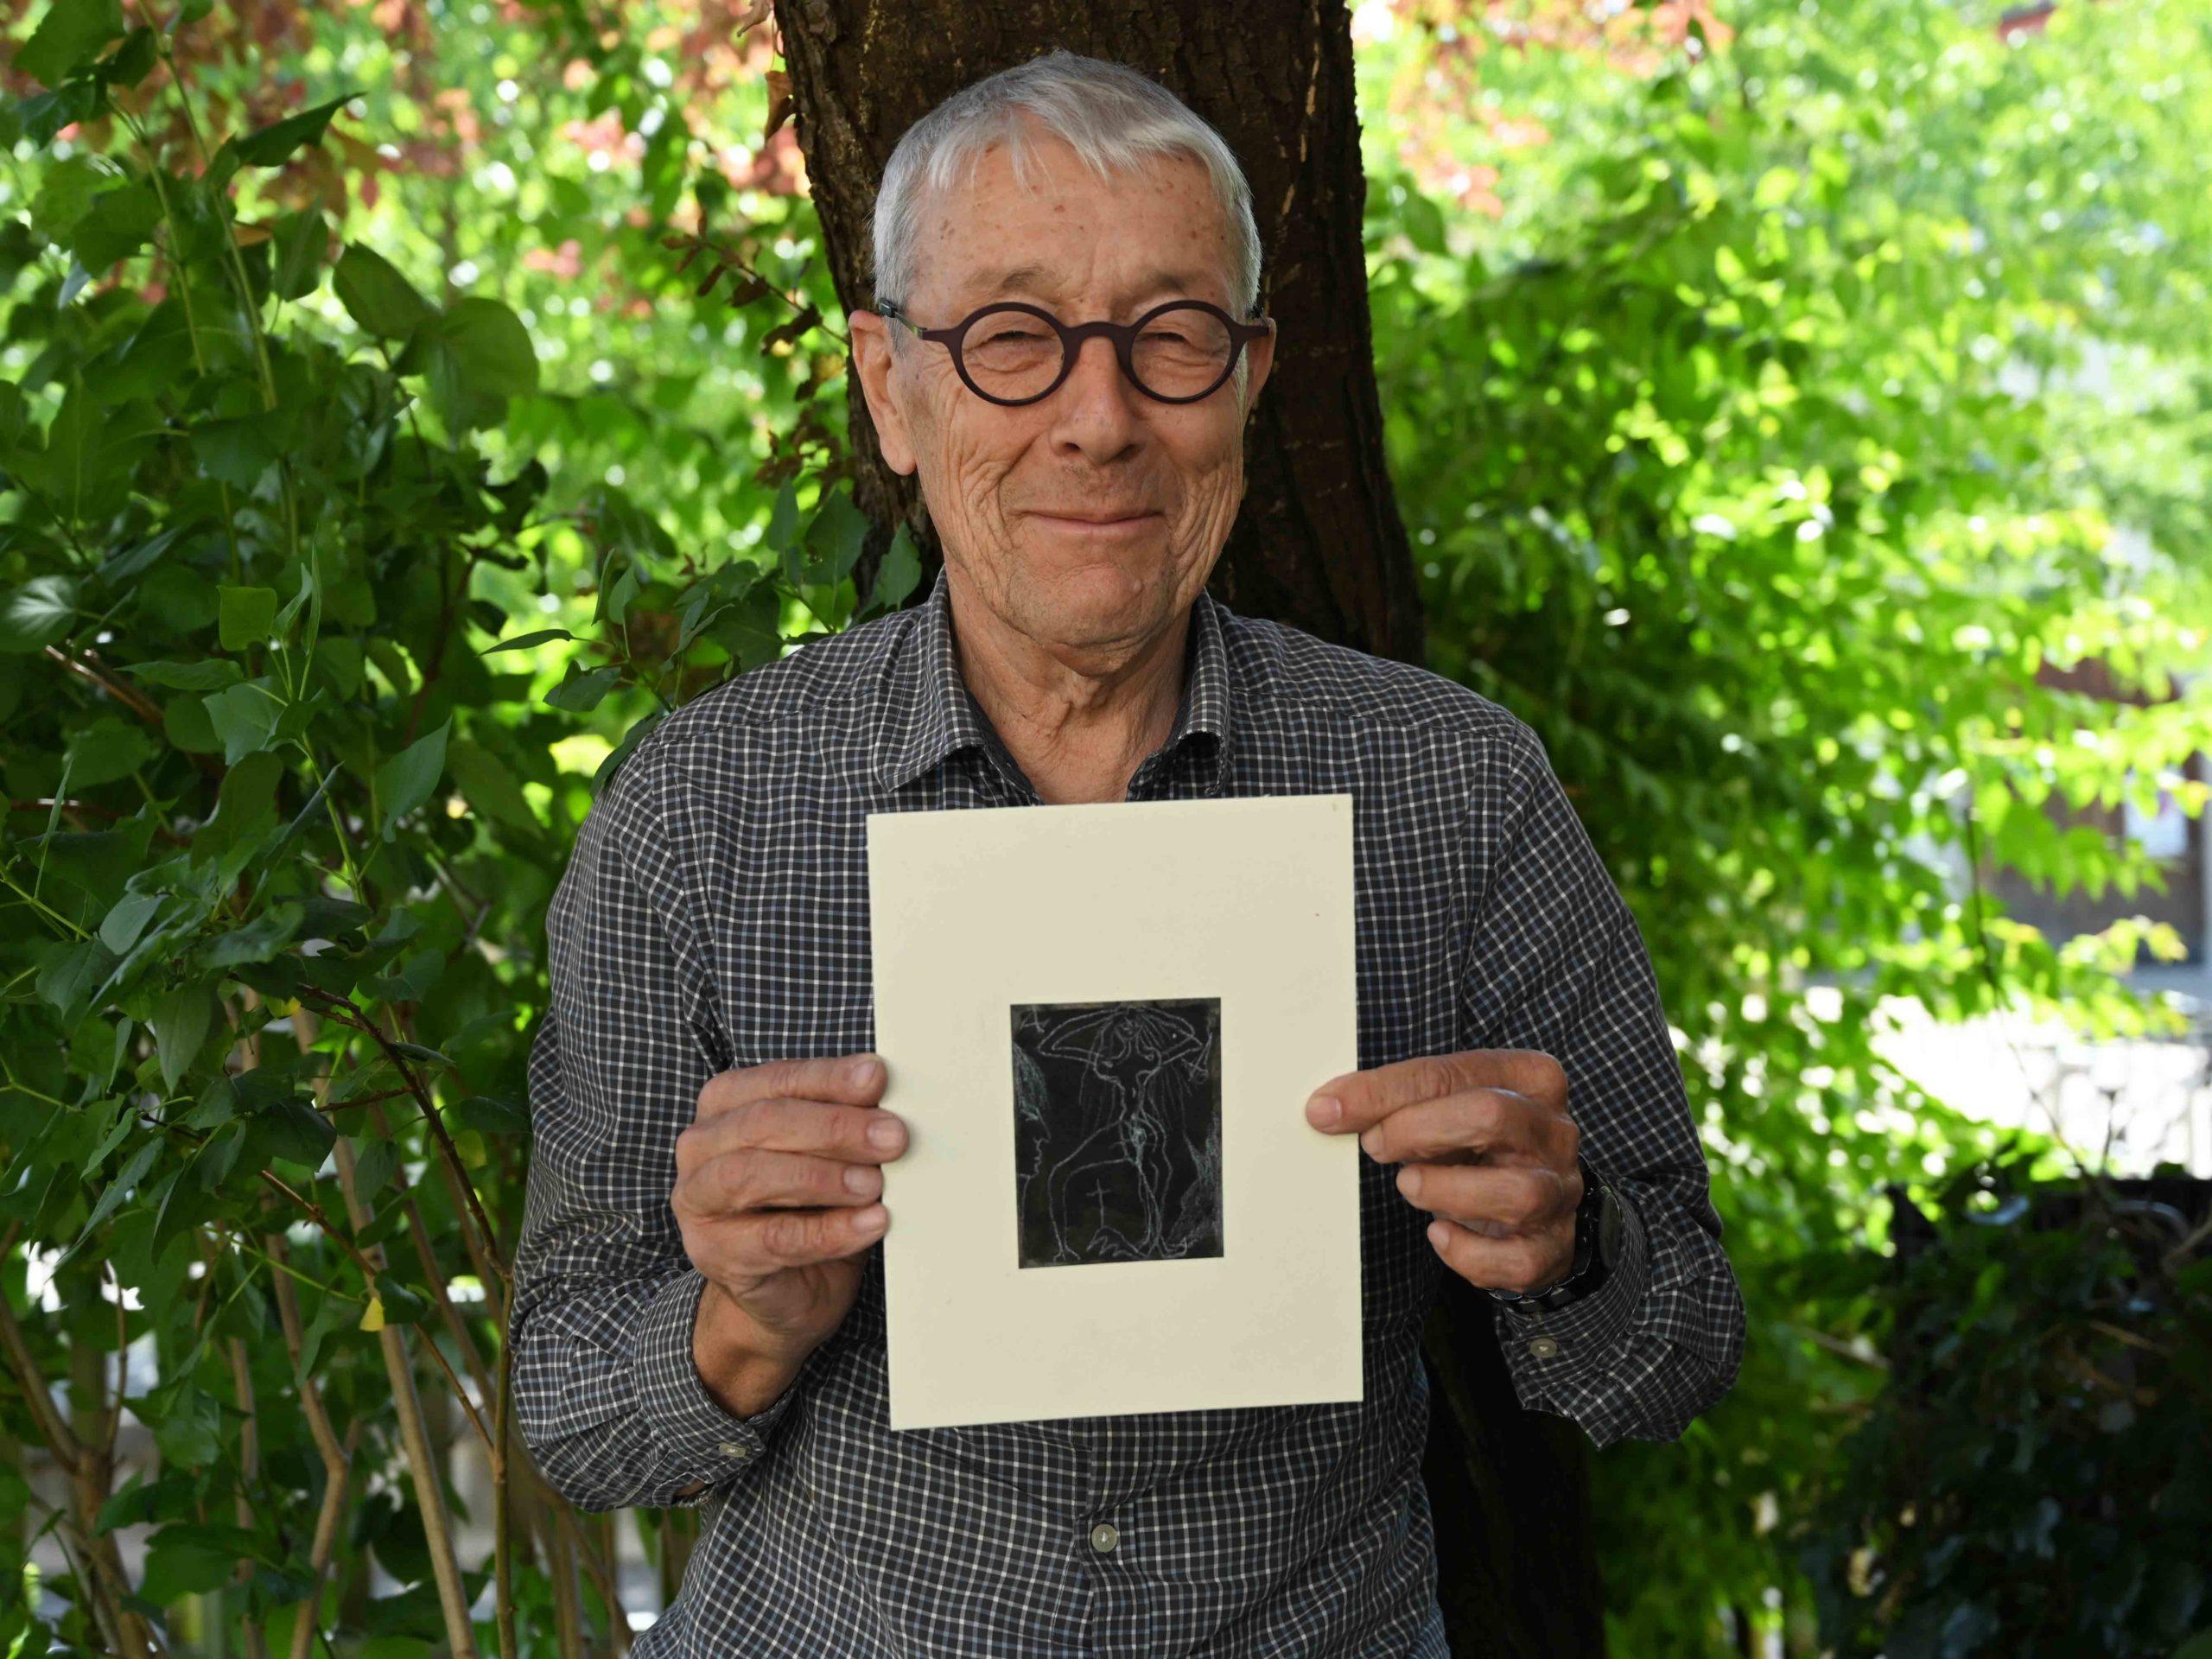 Stolzer Besitzer einer Original Naegeli Zeichnung: Architekt Marcel Knörr.